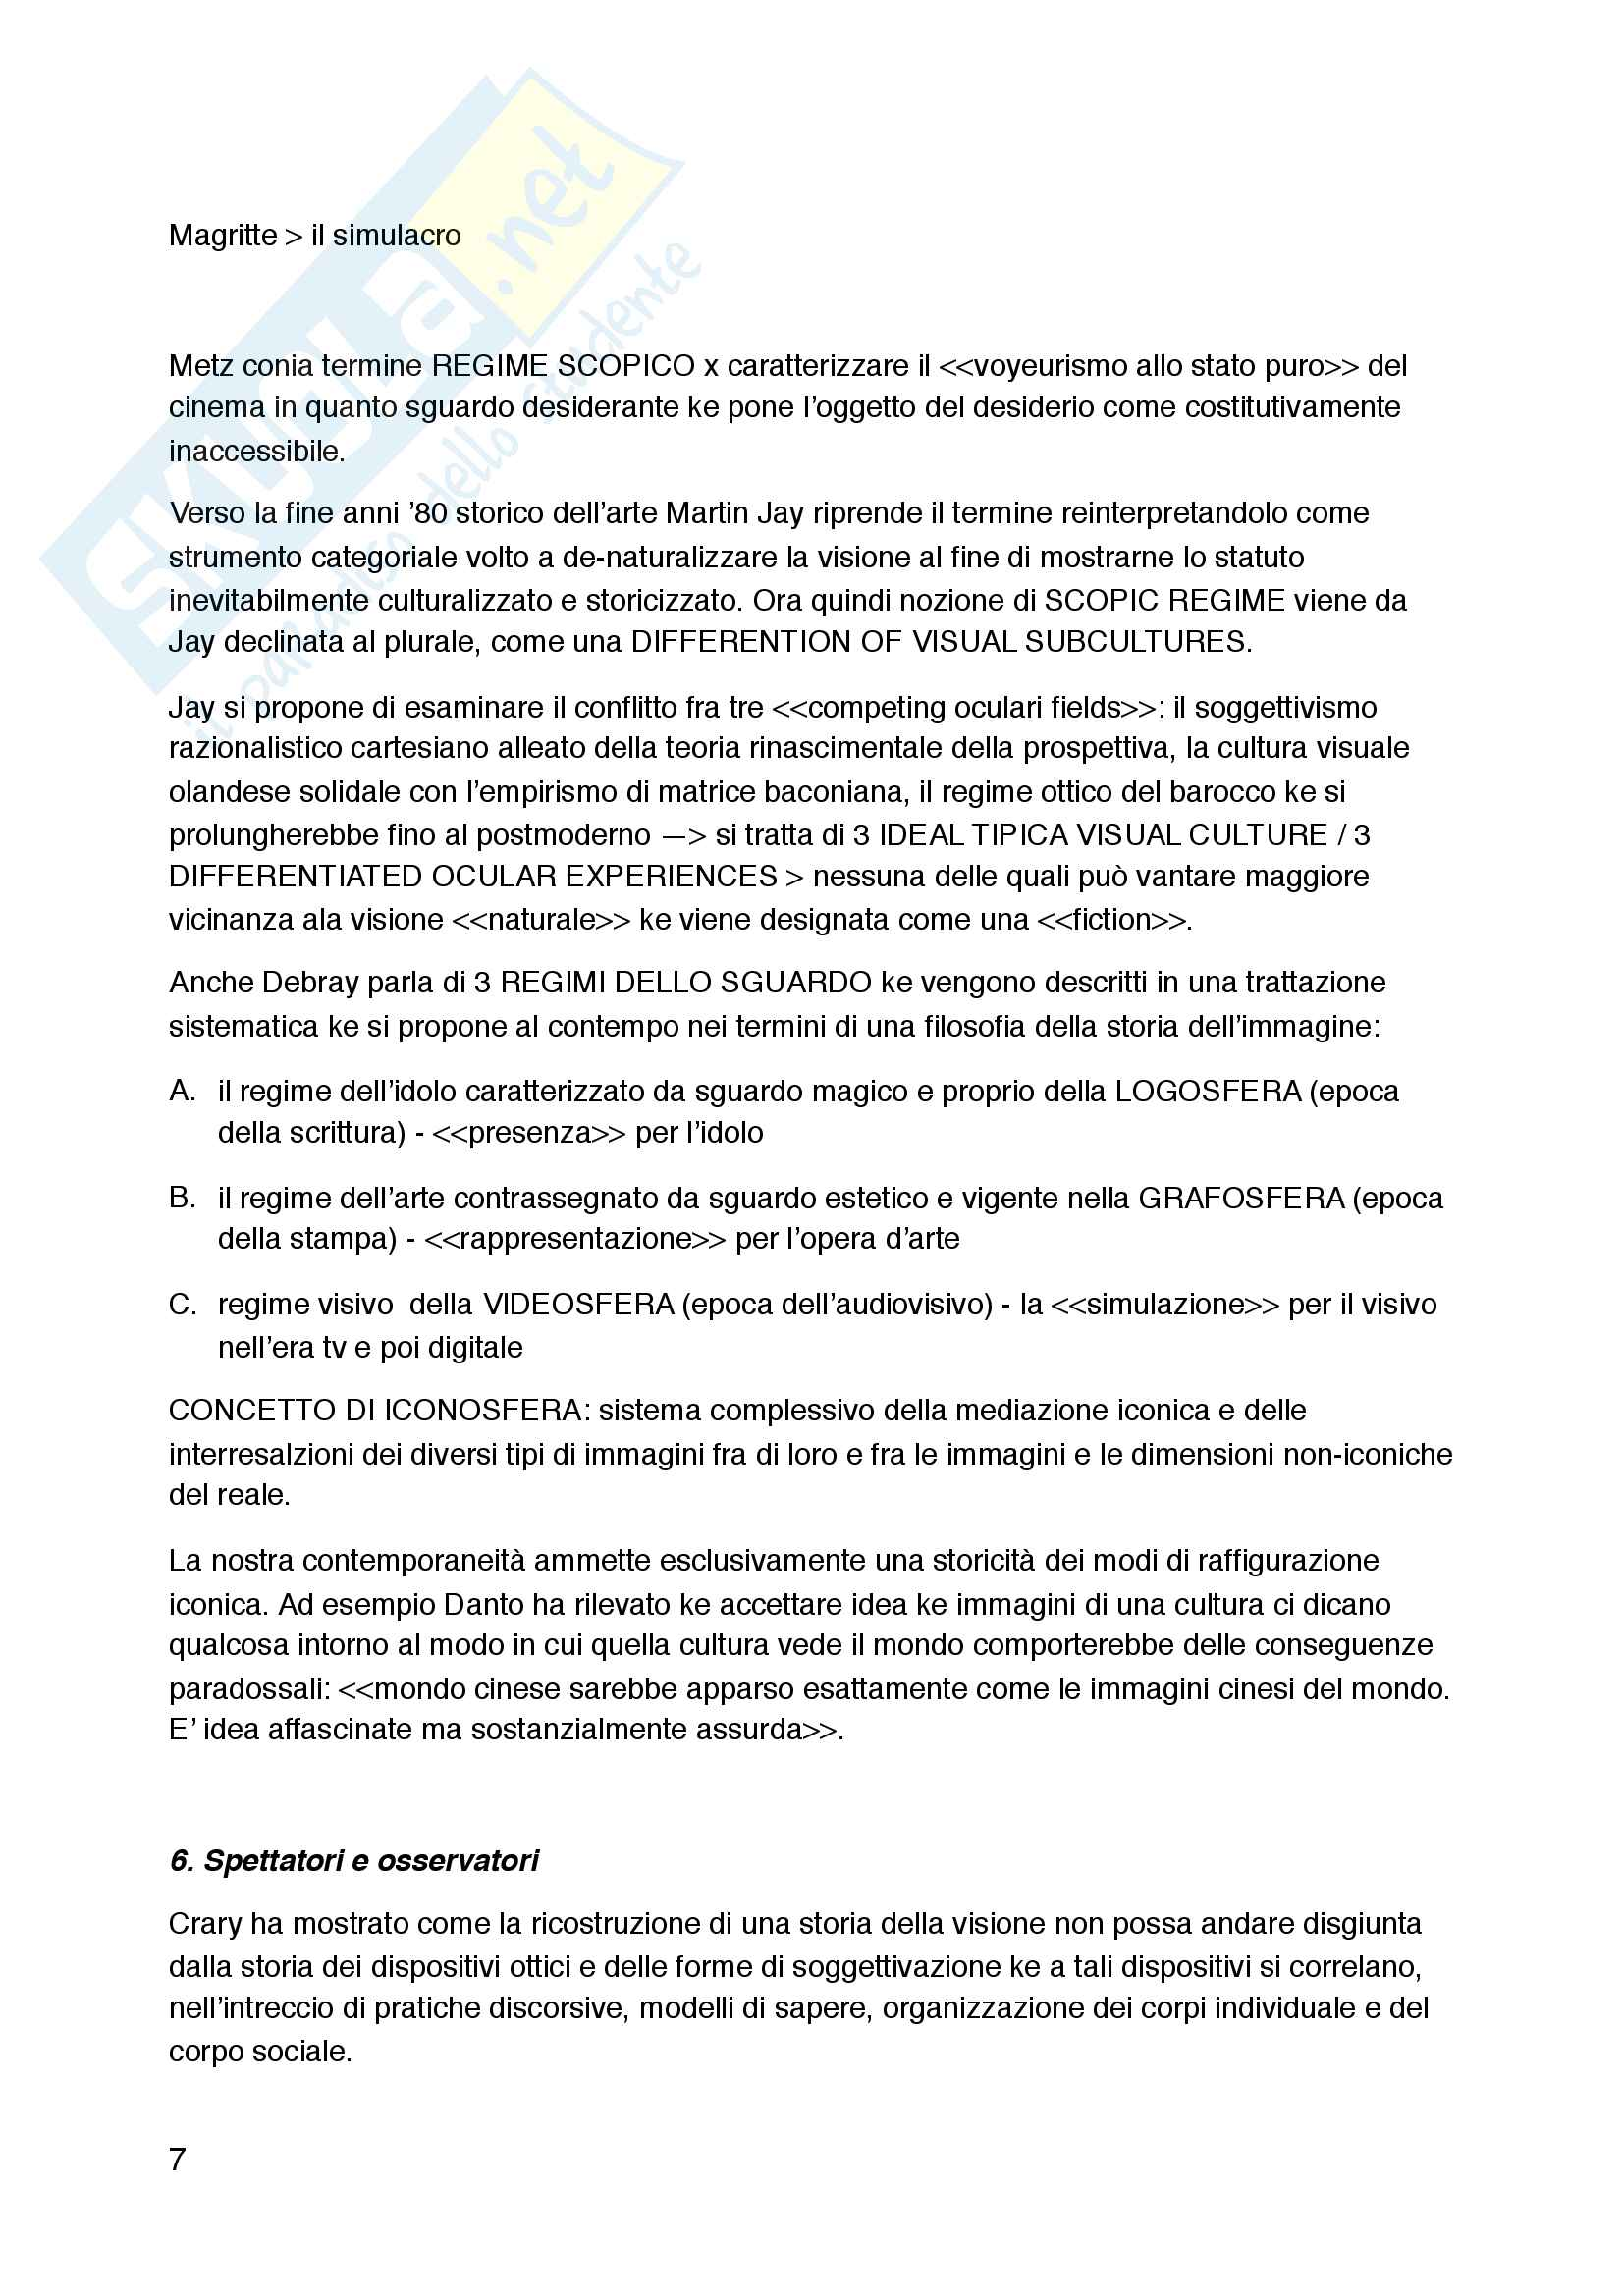 Riassunto esame Teoria della Rappresentazione e dell'Immagine, prof. Pinotti, Libro consigliato Cultura Visuale, Pinotti e Somaini Pag. 36